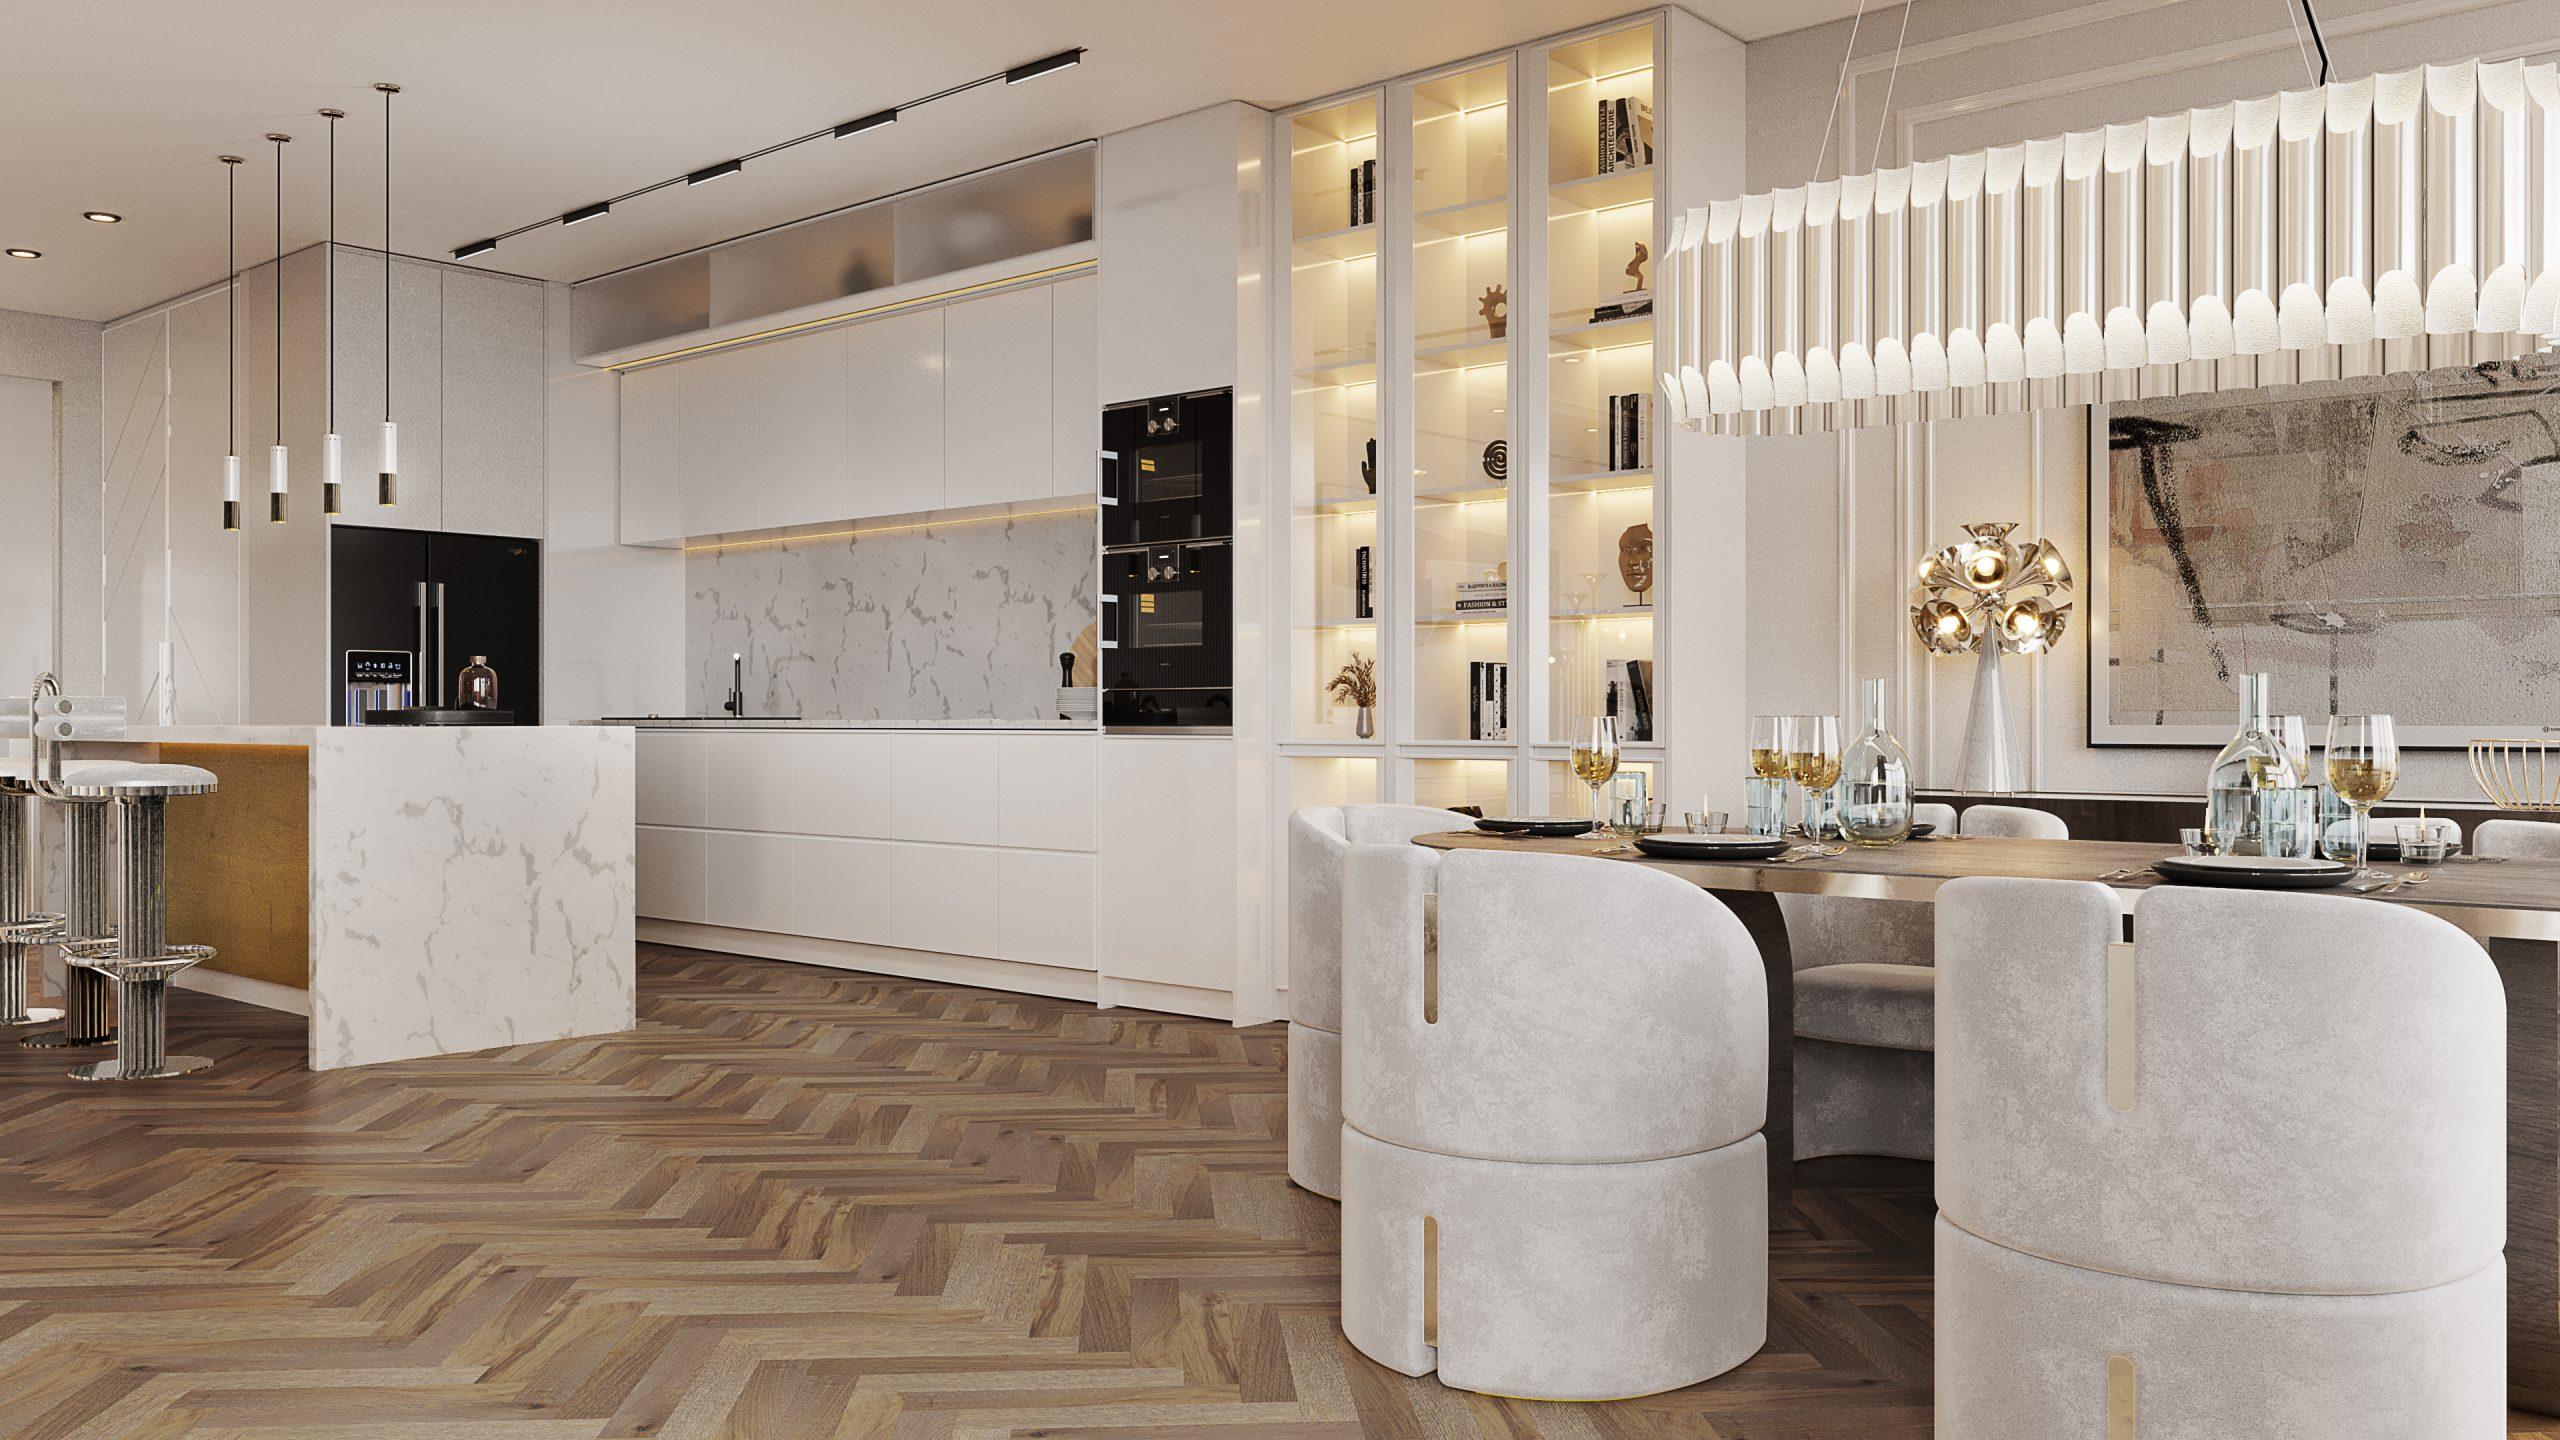 Exclusive Modern Kitchen Designs In A Million Dollar Apartment